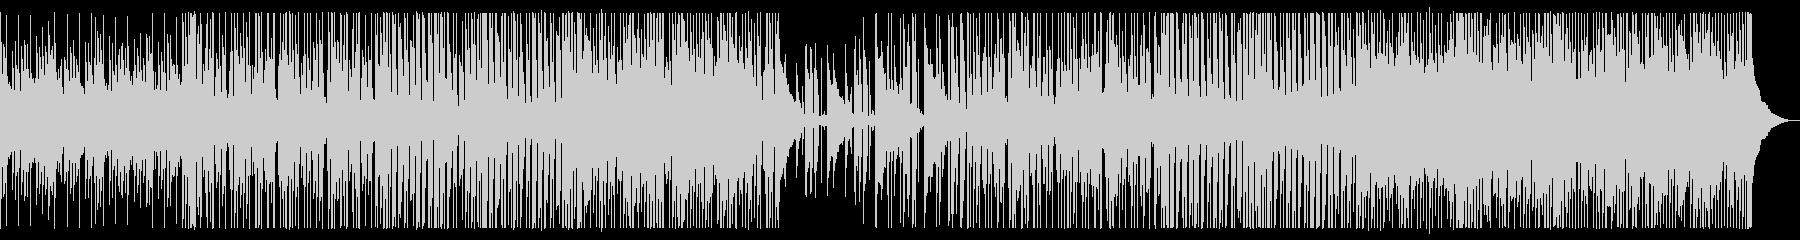 爽やかなカフェBGM_No686_1の未再生の波形